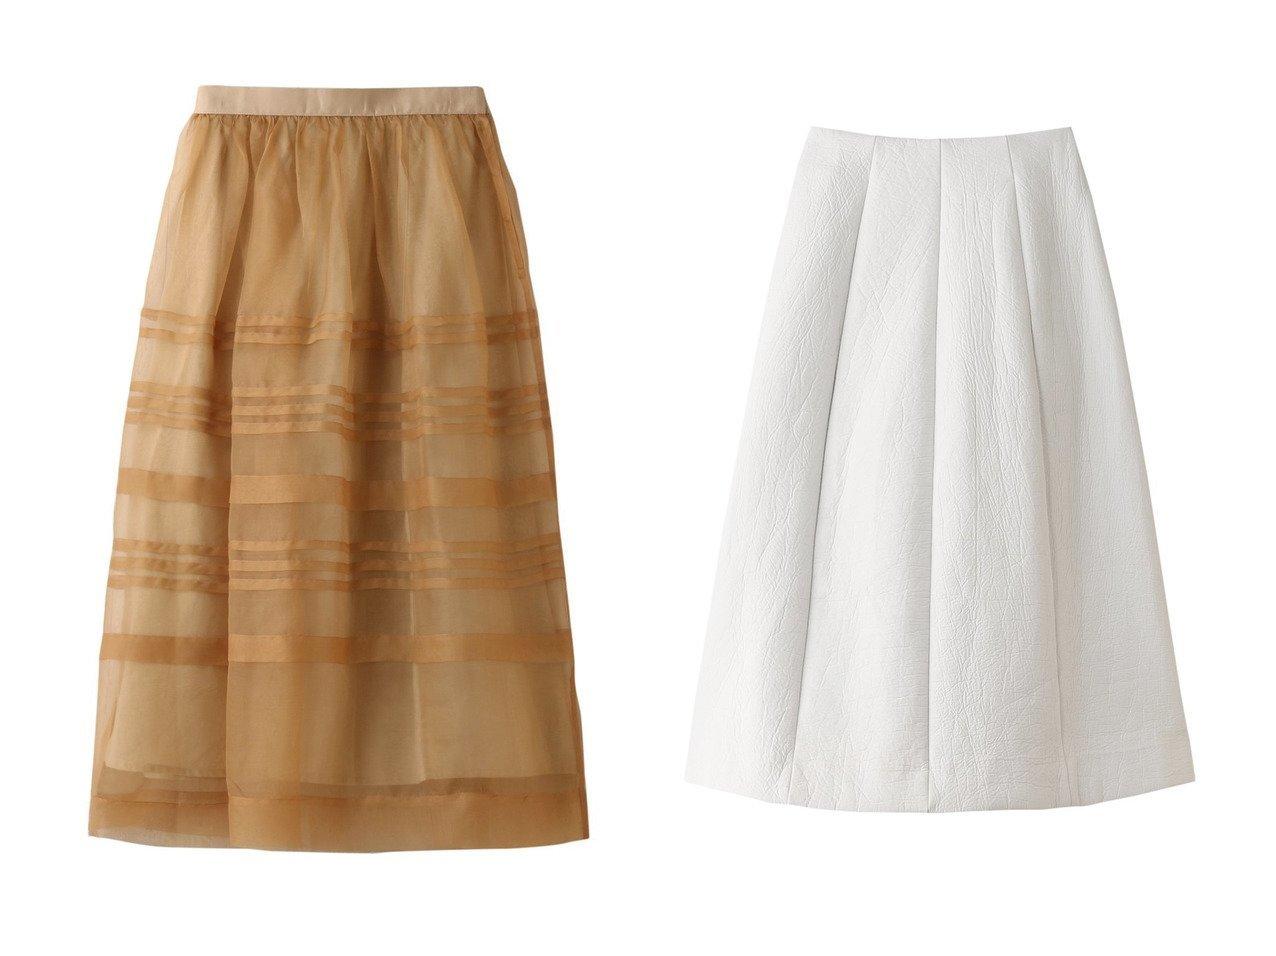 【LE CIEL BLEU/ルシェル ブルー】のテクスチャードベルシェイプスカート&【Curensology/カレンソロジー】の【Nesessaire】 SO スカート スカートのおすすめ!人気、レディースファッションの通販 おすすめで人気のファッション通販商品 インテリア・家具・キッズファッション・メンズファッション・レディースファッション・服の通販 founy(ファニー) https://founy.com/ ファッション Fashion レディース WOMEN スカート Skirt ロングスカート Long Skirt エアリー チュール トレンド パーティ ボーダー ランダム ロング |ID:crp329100000000063